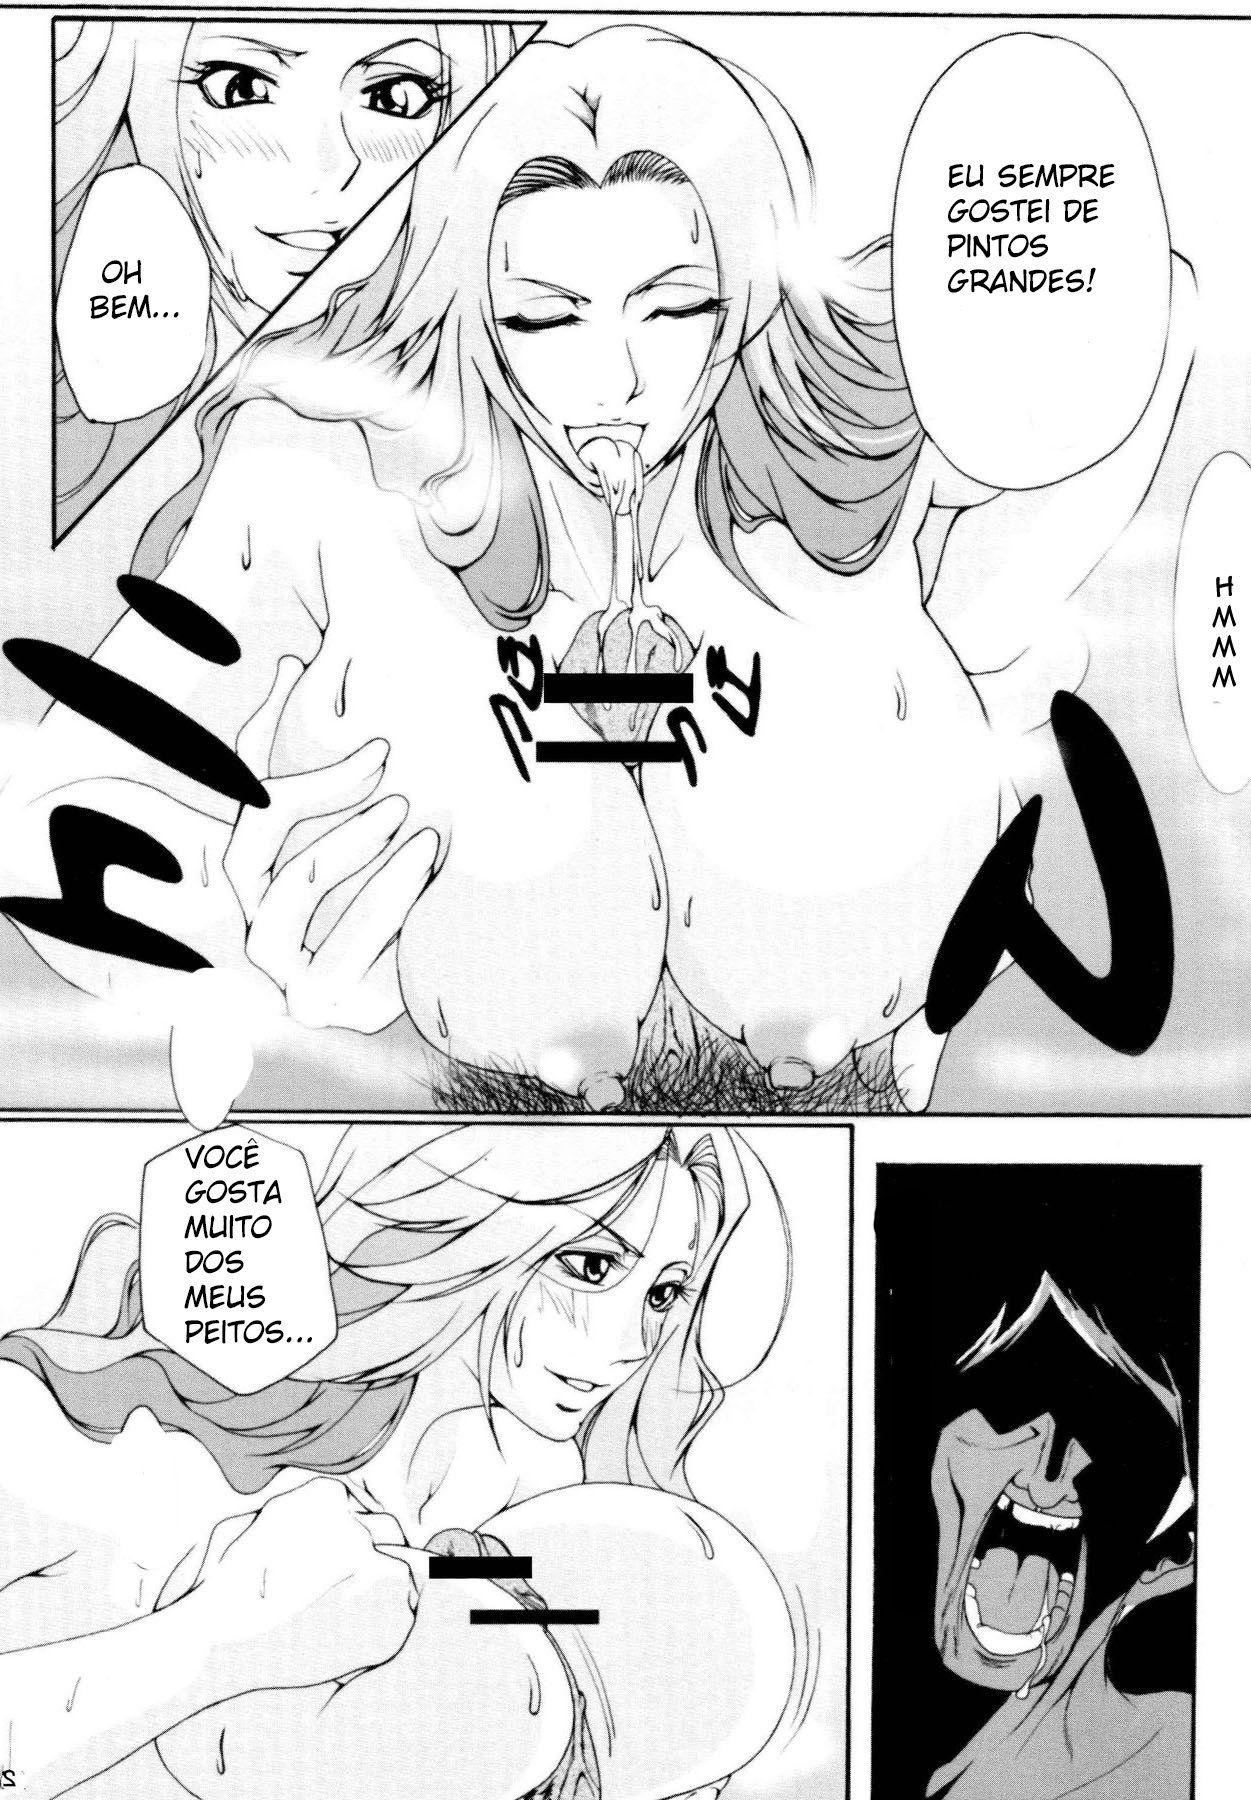 O-sonho-de-Jinta-Bleach-Hentai-25-1